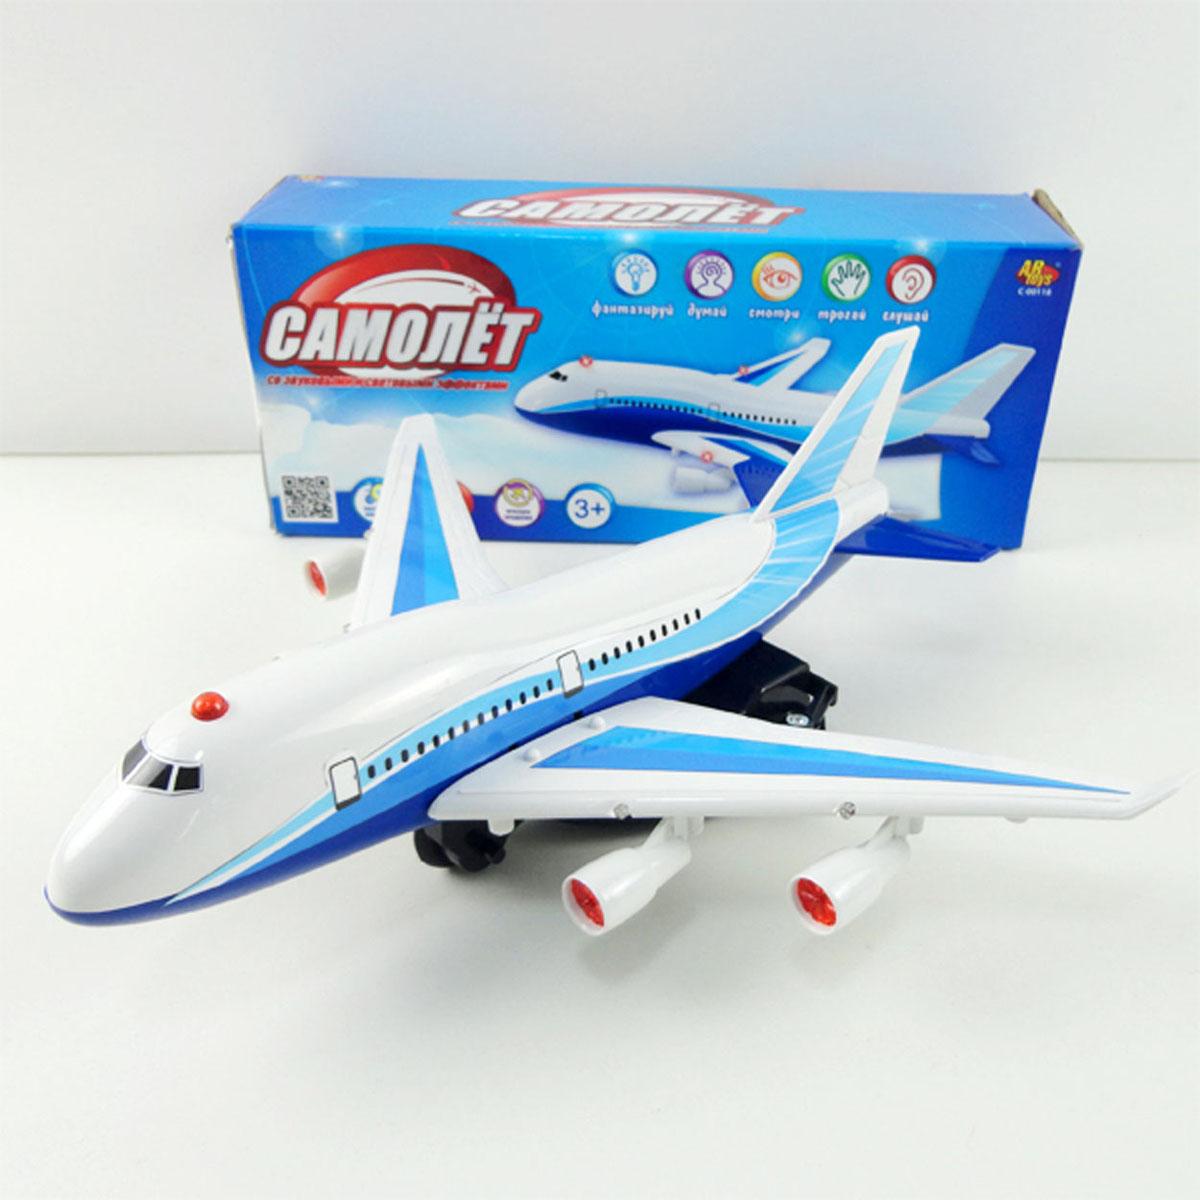 Junfa Toys СамолетC-00118Самолет игрушечный электромеханический, работает от 3 AA батареек. Со световыми и звуковыми эффектами, сделан из пластмассы. Самолет расположен на подставке, двигается вперед, влево и вправо, а также вверх и вниз, имитируя при этом взлет и посадку. Во время движения самолет издает звуки работающего двигателя, а также мигает сигнальными огнями. Функция вращения. Батарейки в набор не входят.